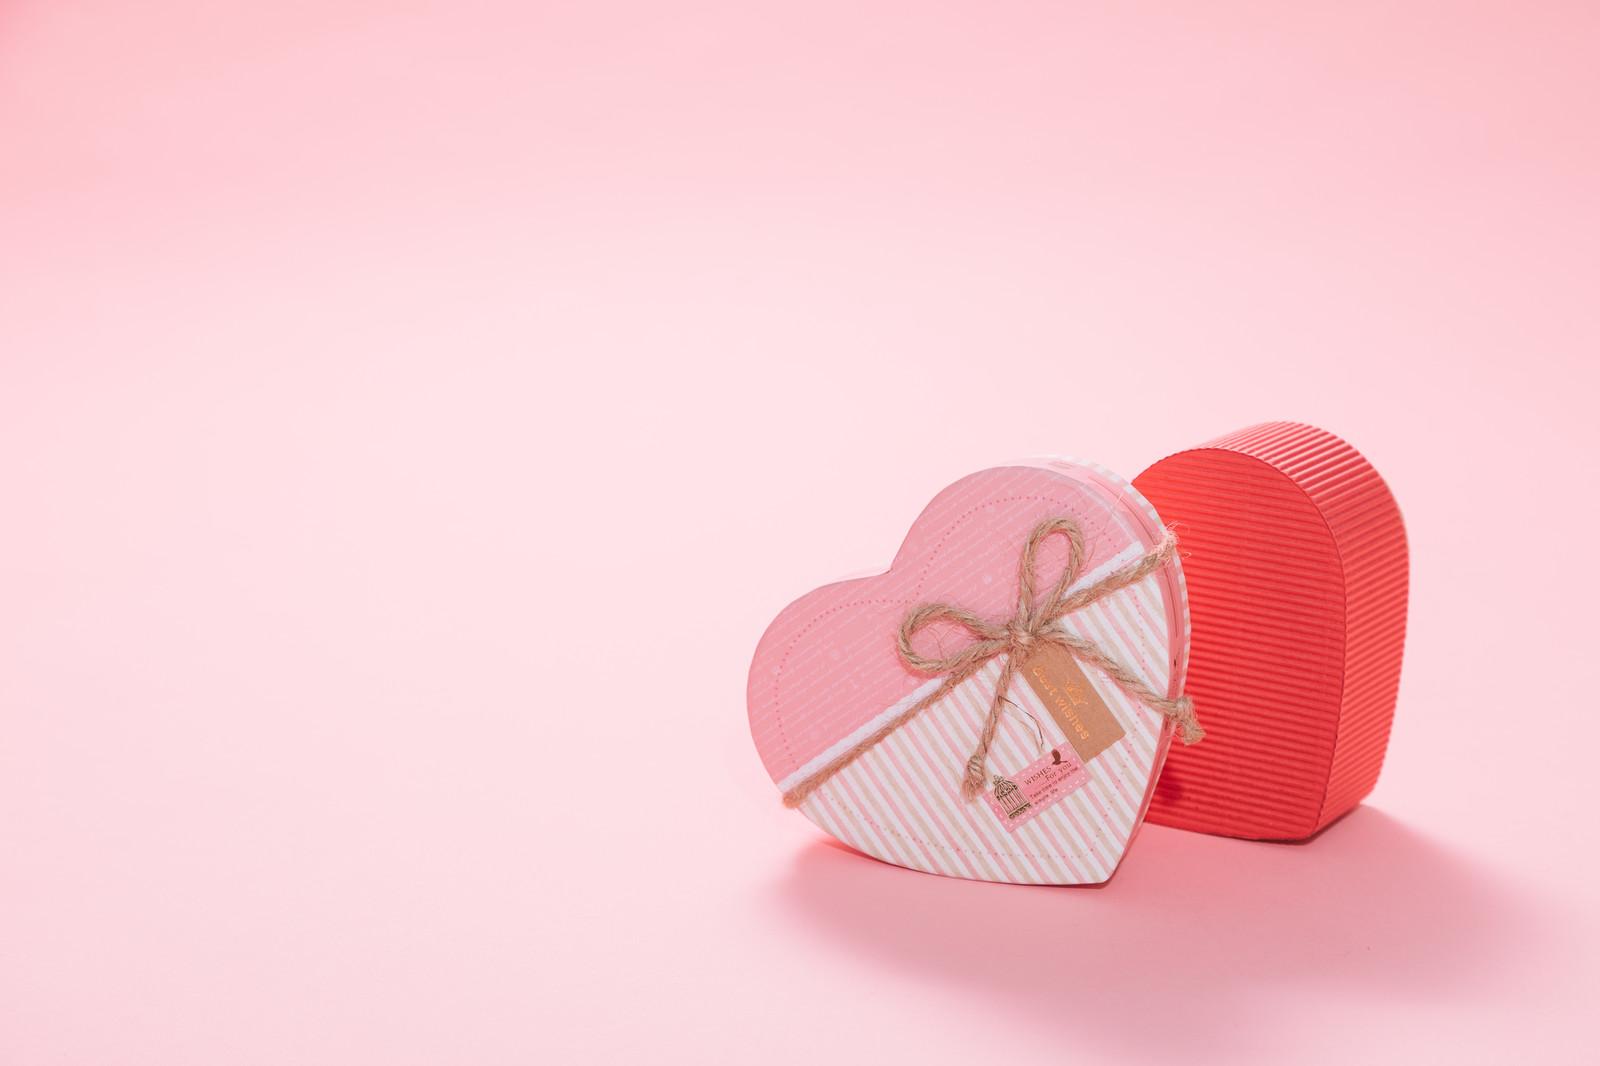 ☆会員様限定☆6月婚活パーティーのお知らせ♪【大阪】